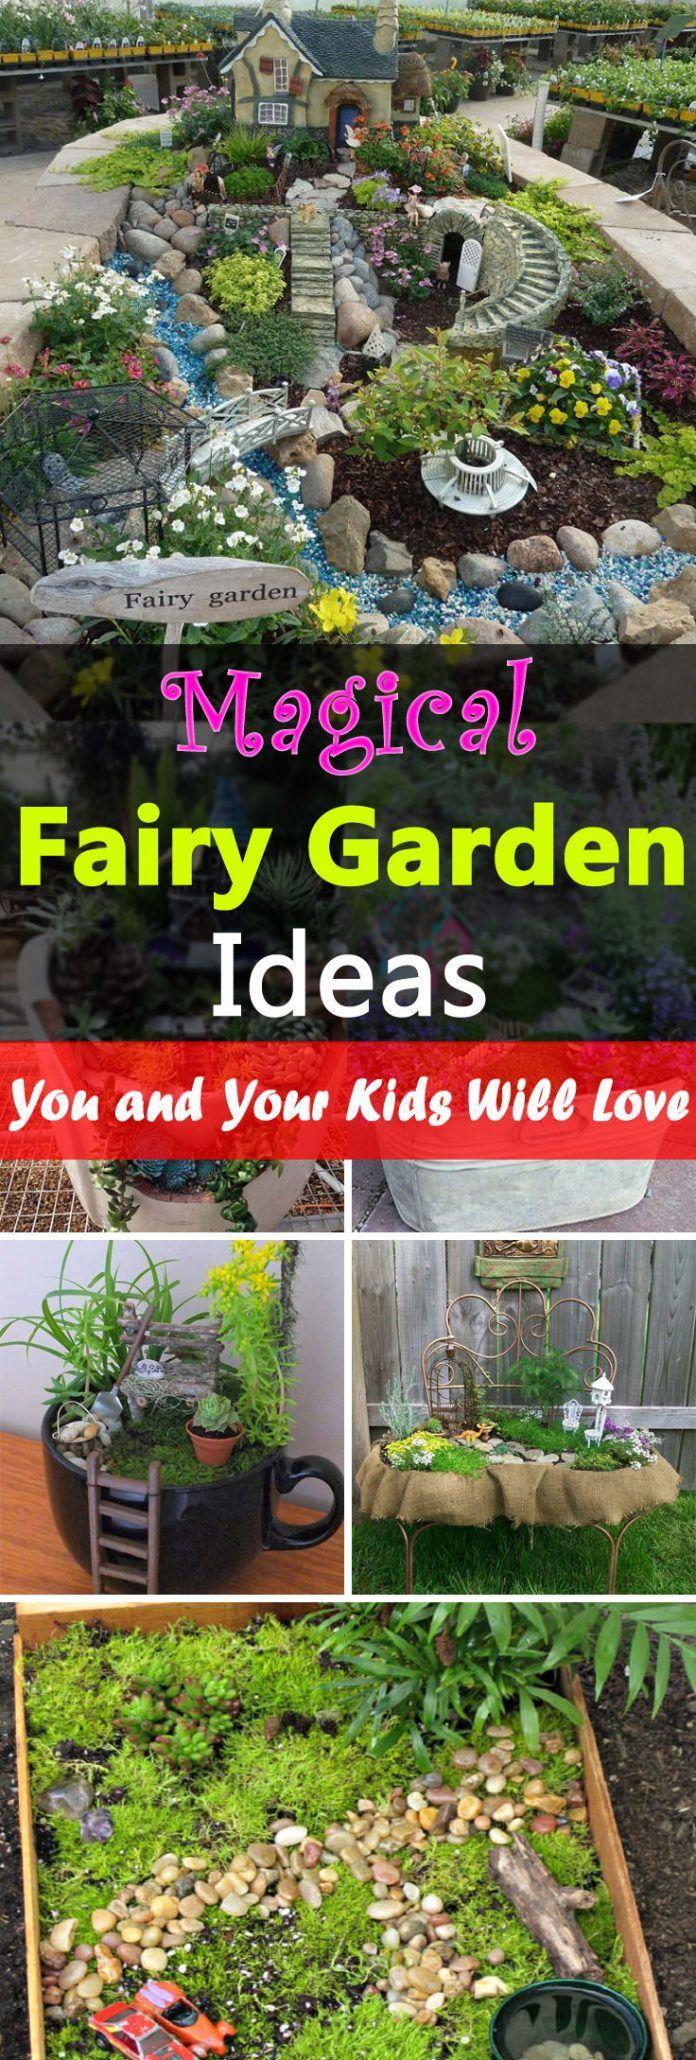 Magical fairy garden ideas you